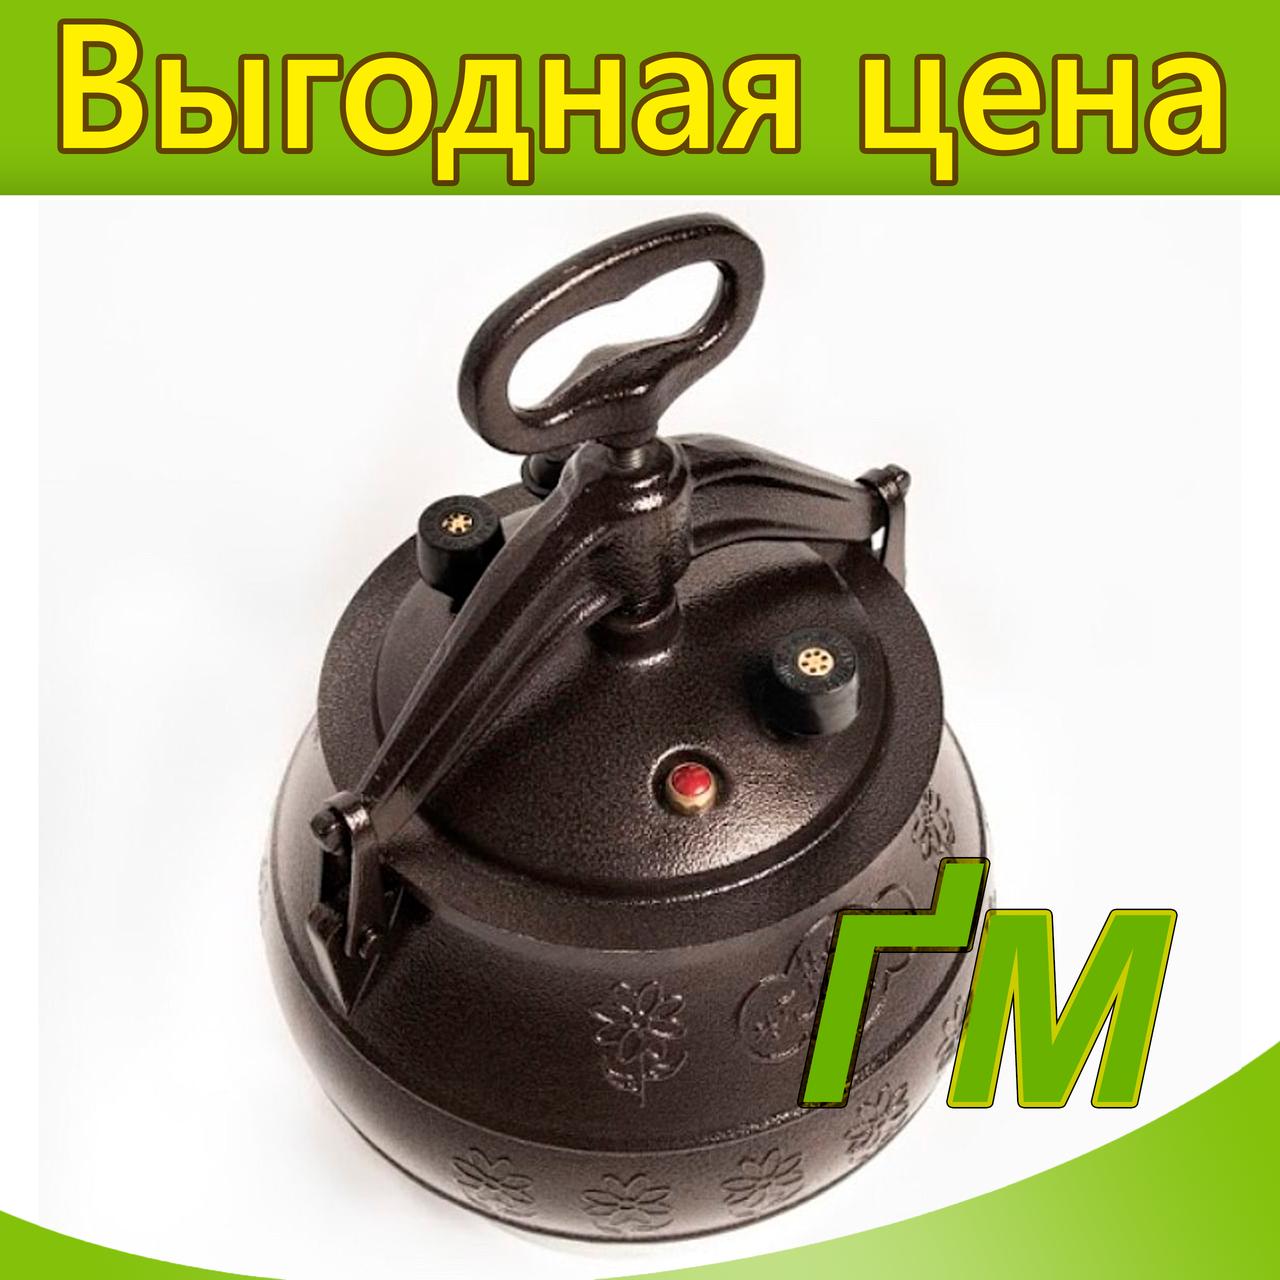 Казан из черного алюминия, 10 л.